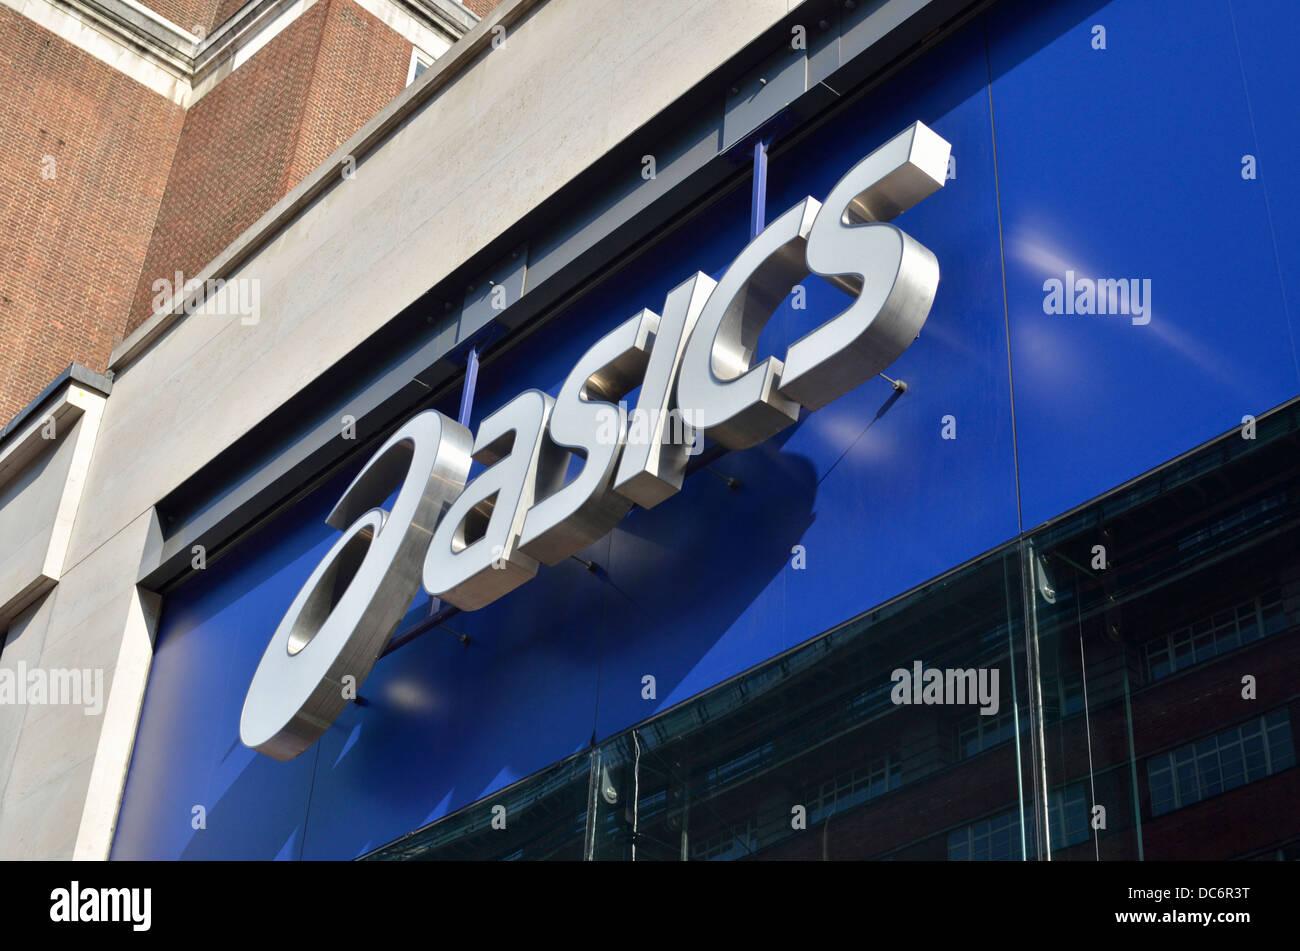 ad715a30eac7a Détaillant de vêtements de base logo signe au-dessus du magasin d Oxford  Street